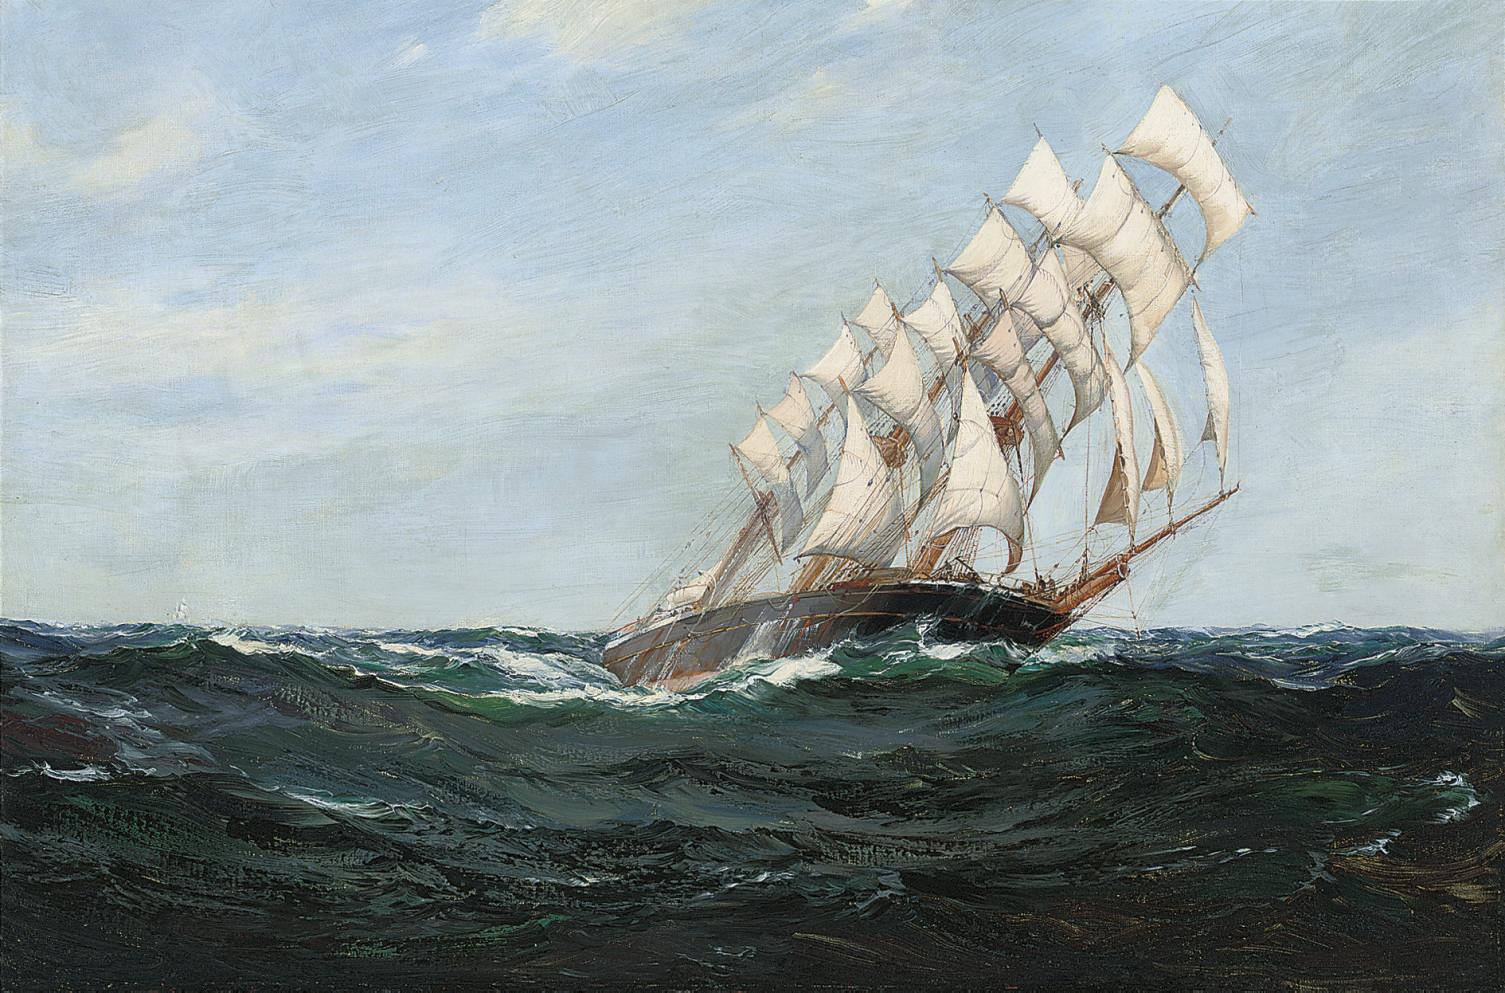 Montague Dawson, R.M.S.A., F.R